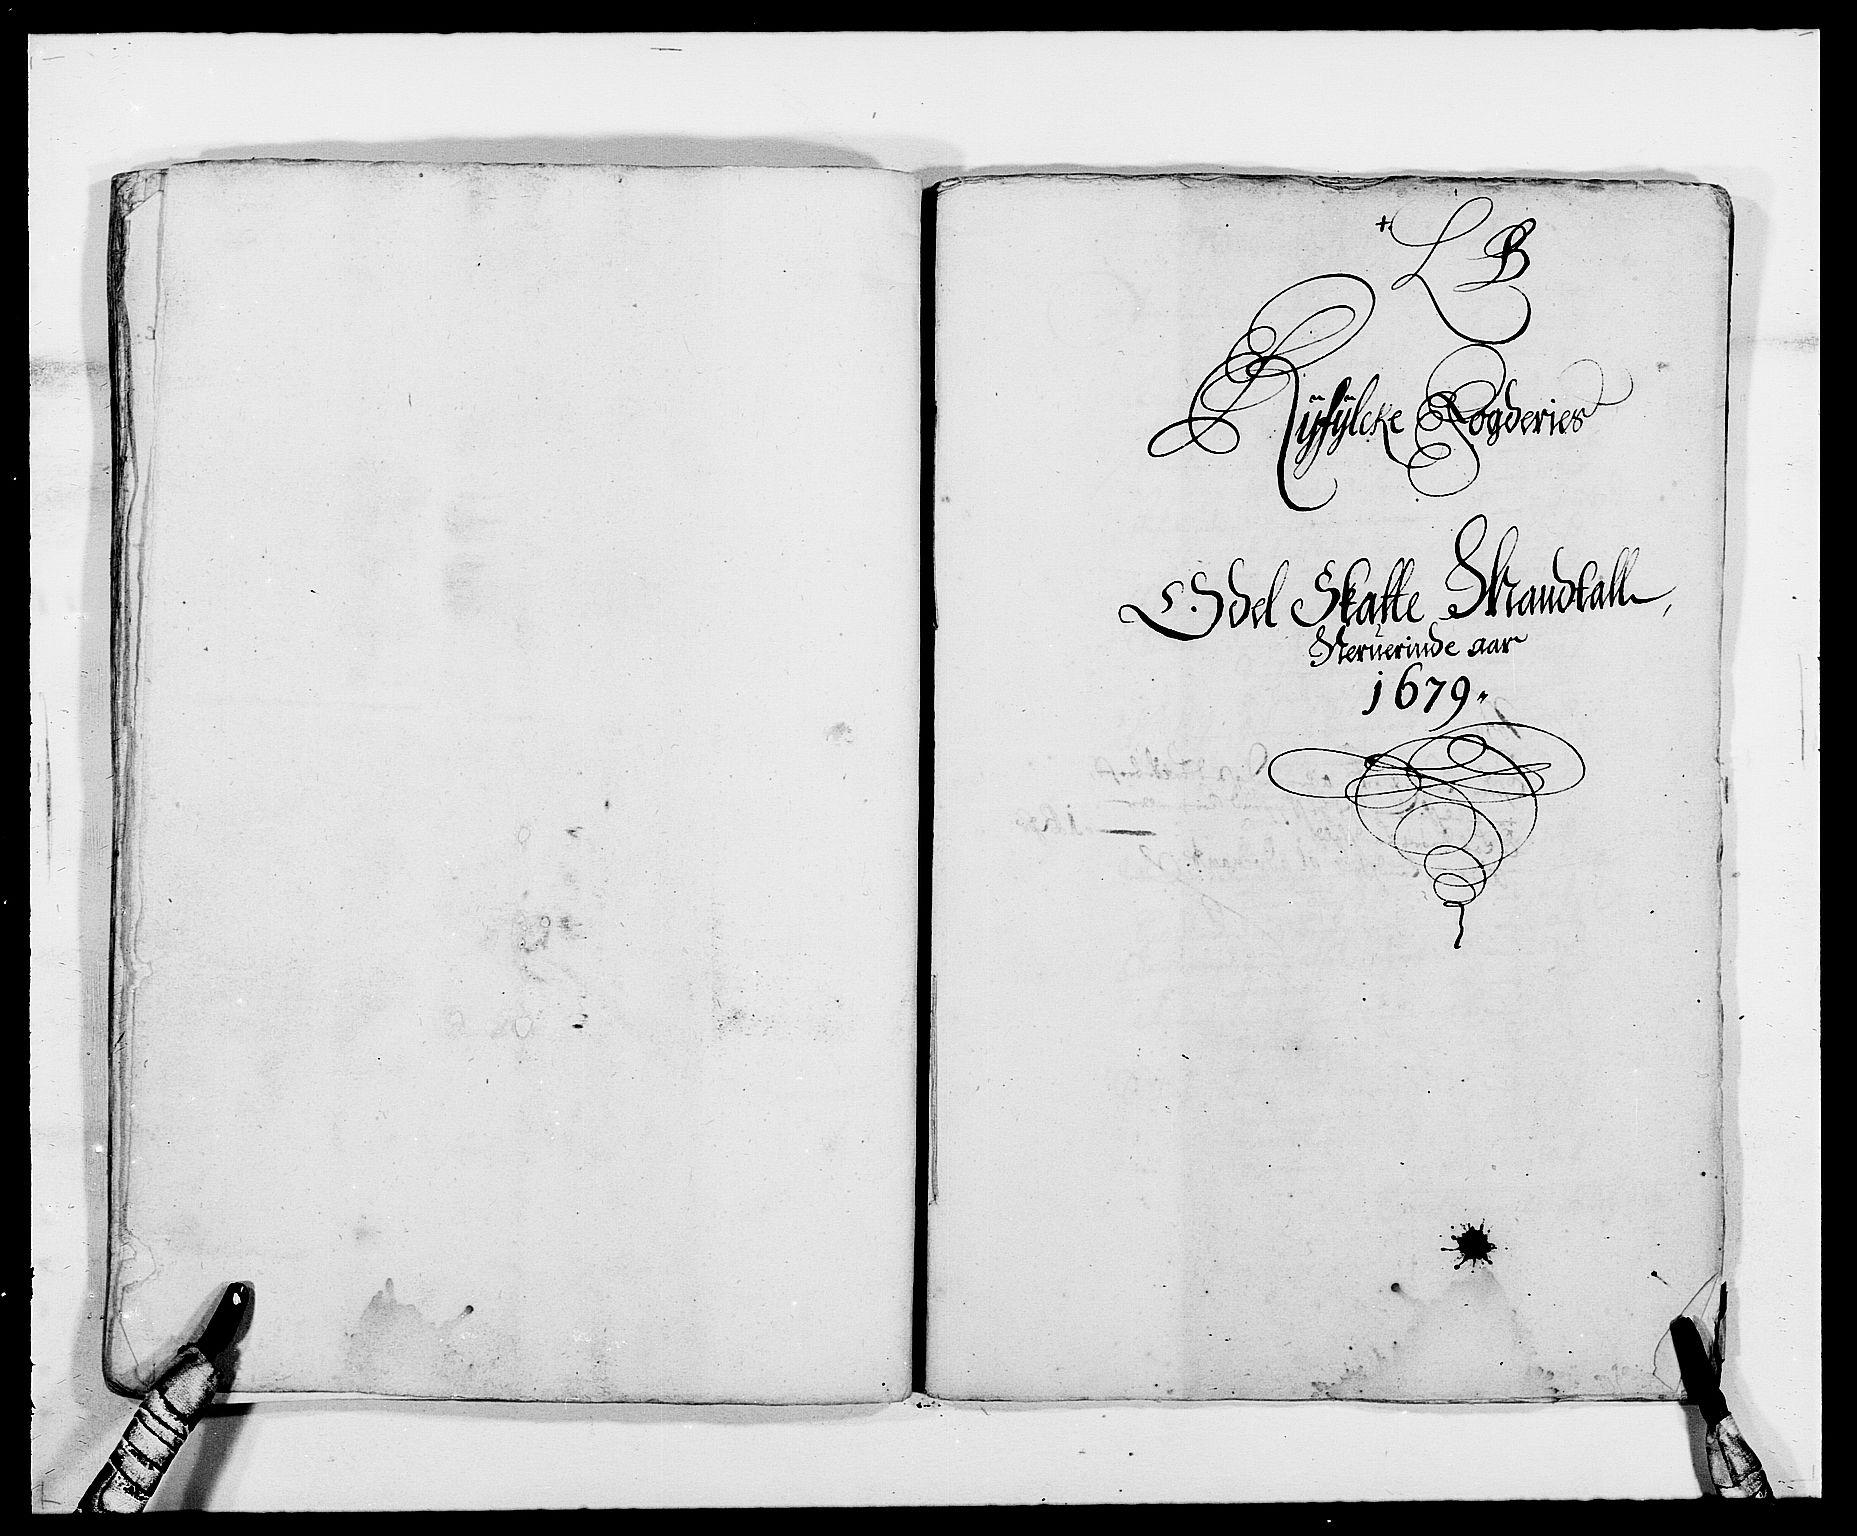 RA, Rentekammeret inntil 1814, Reviderte regnskaper, Fogderegnskap, R47/L2849: Fogderegnskap Ryfylke, 1679, s. 57